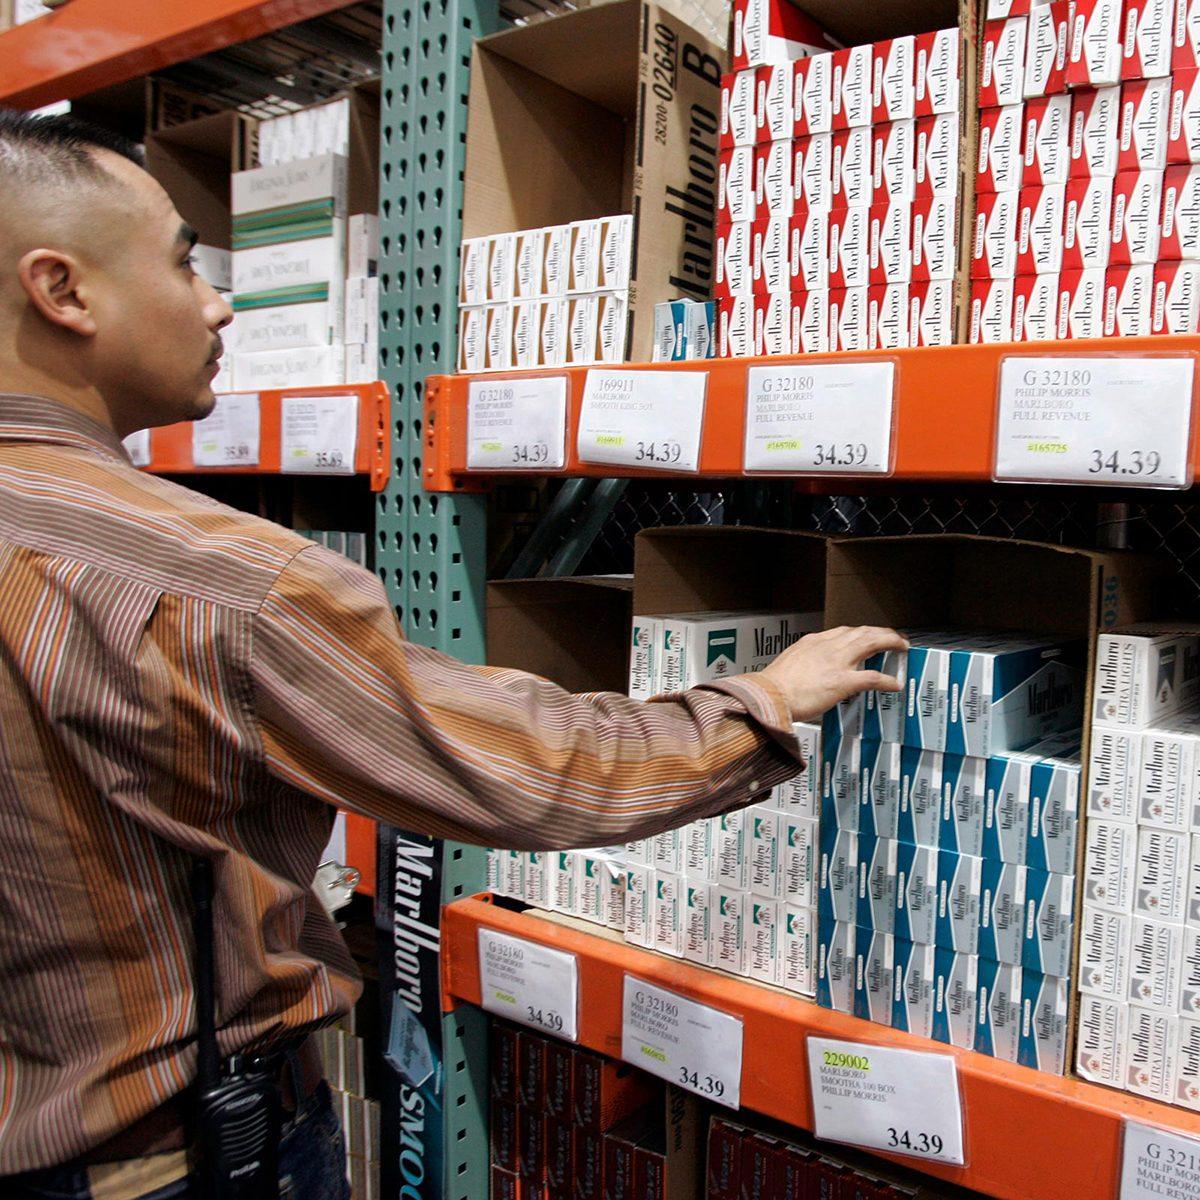 Shopper reaching for items on shelf